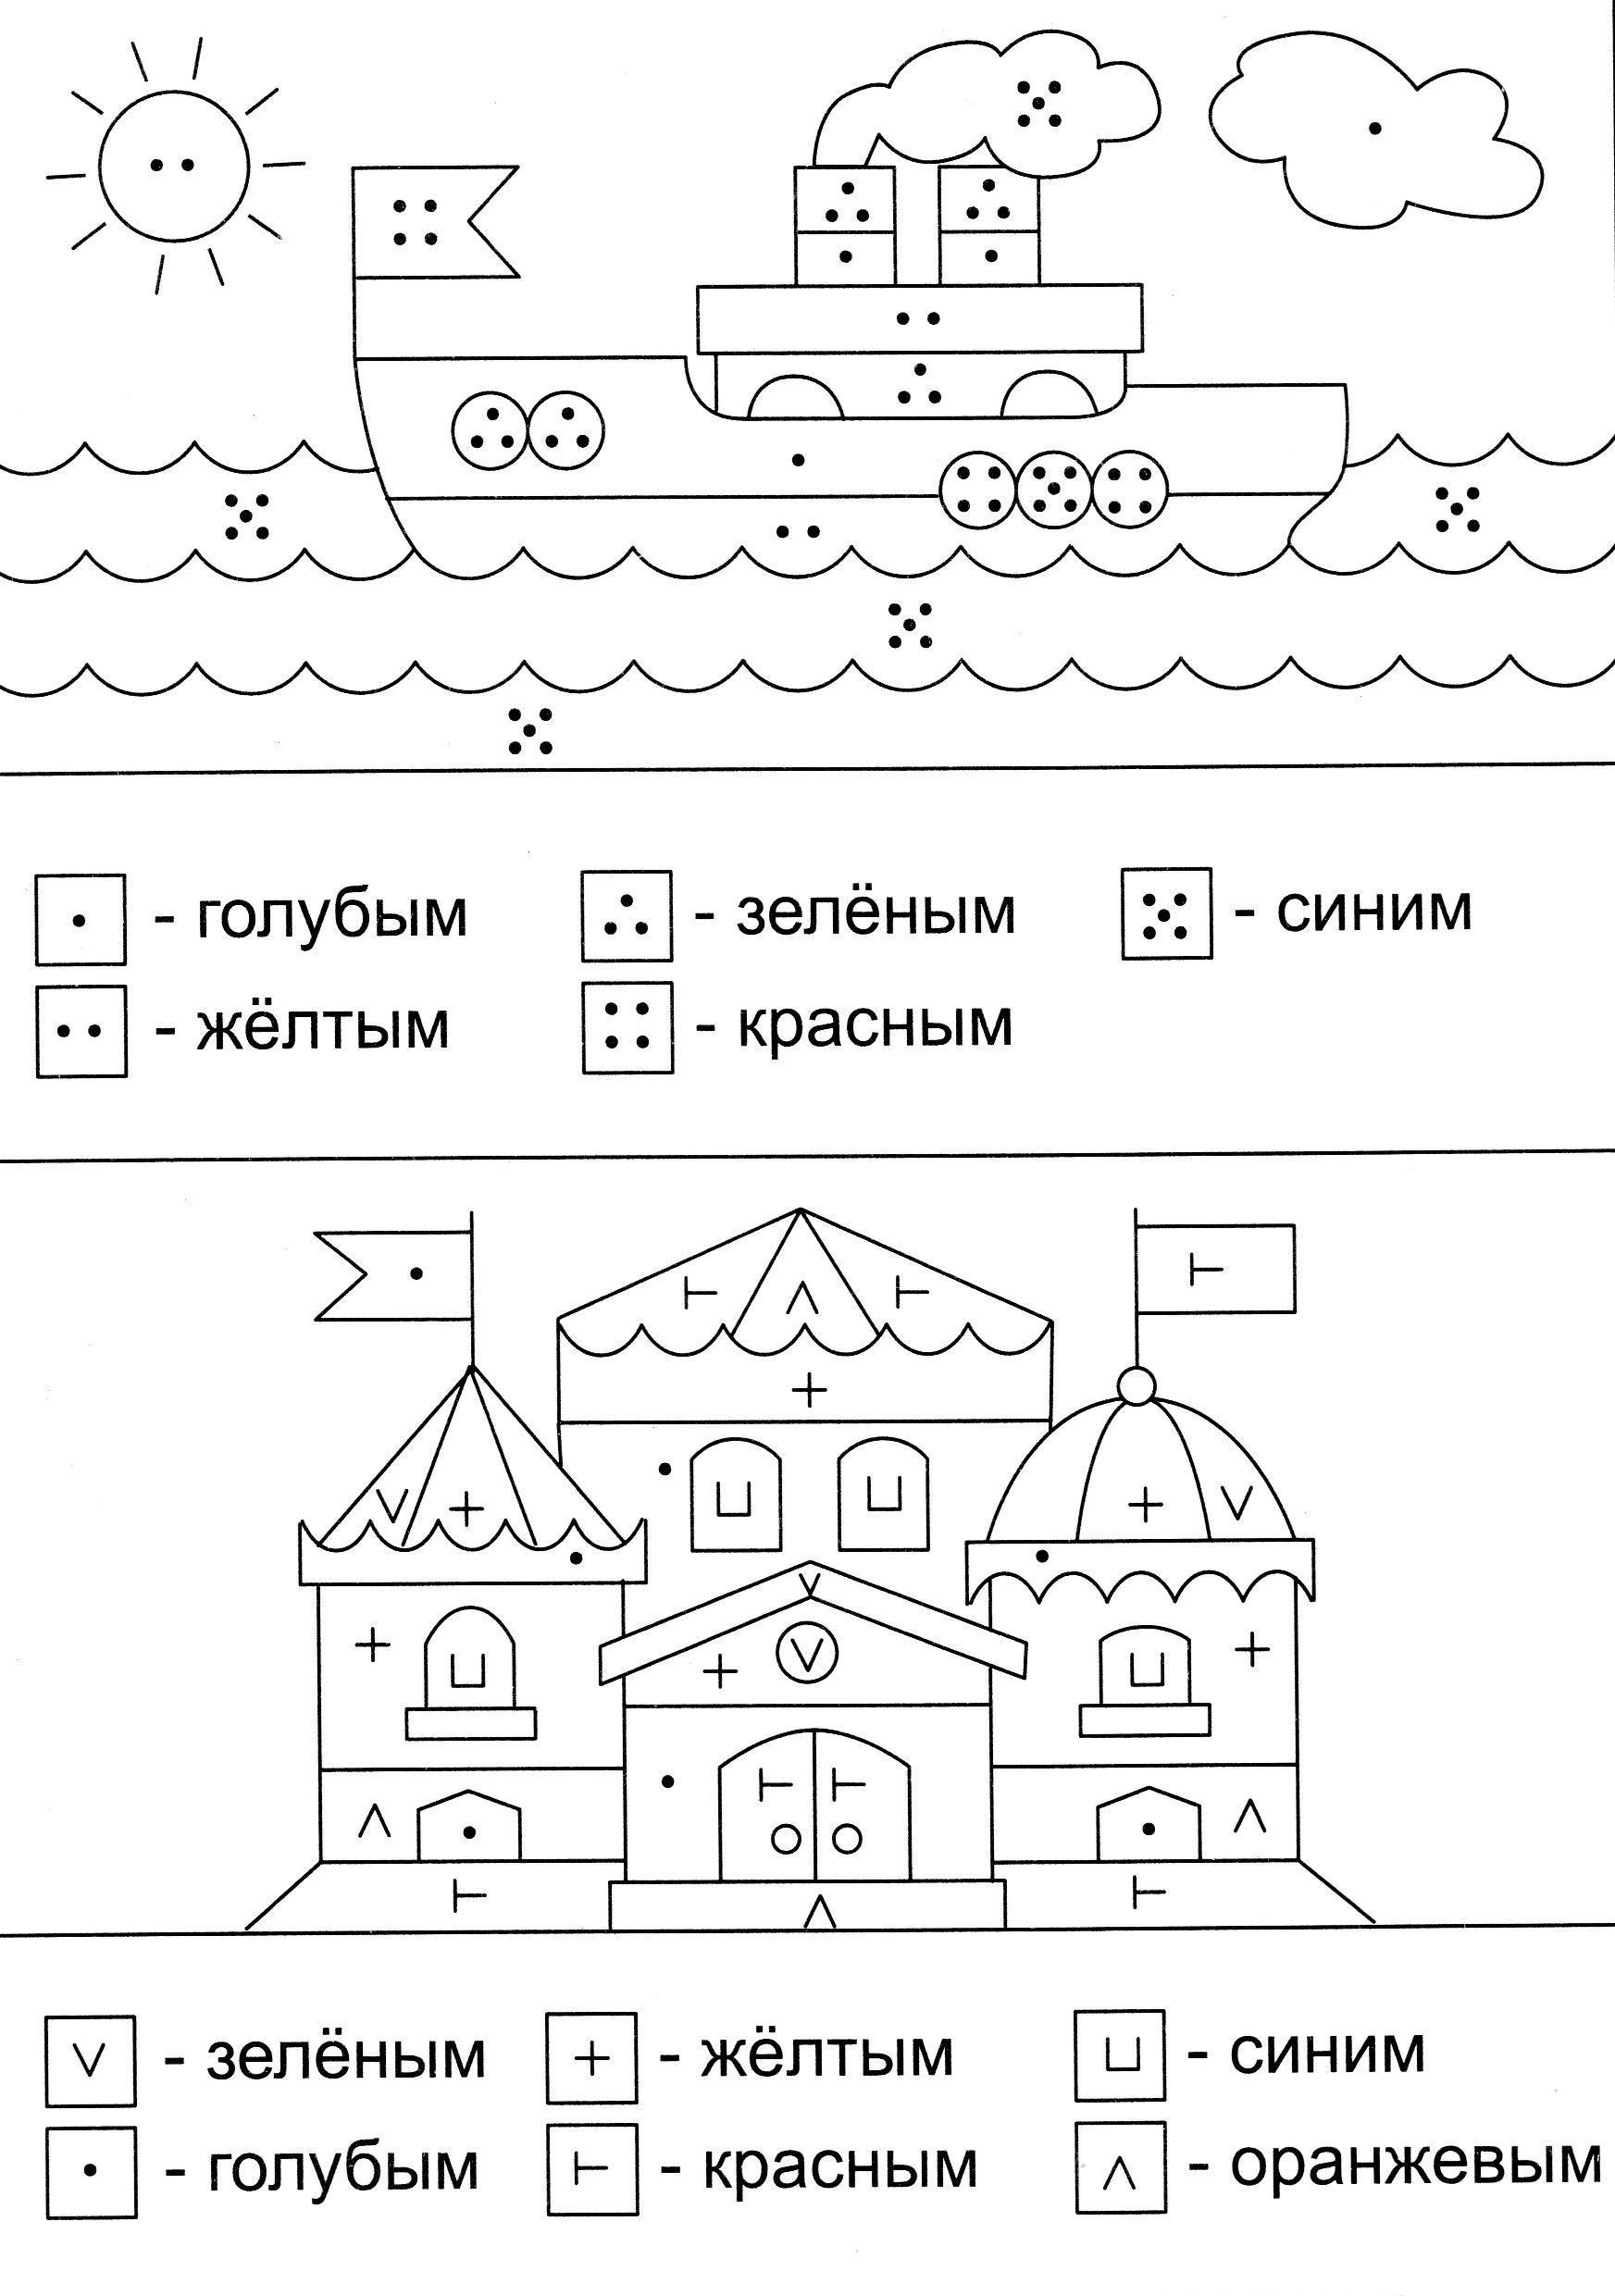 Раскраски математические математическая развивающая раскраска с домом и пароходом.